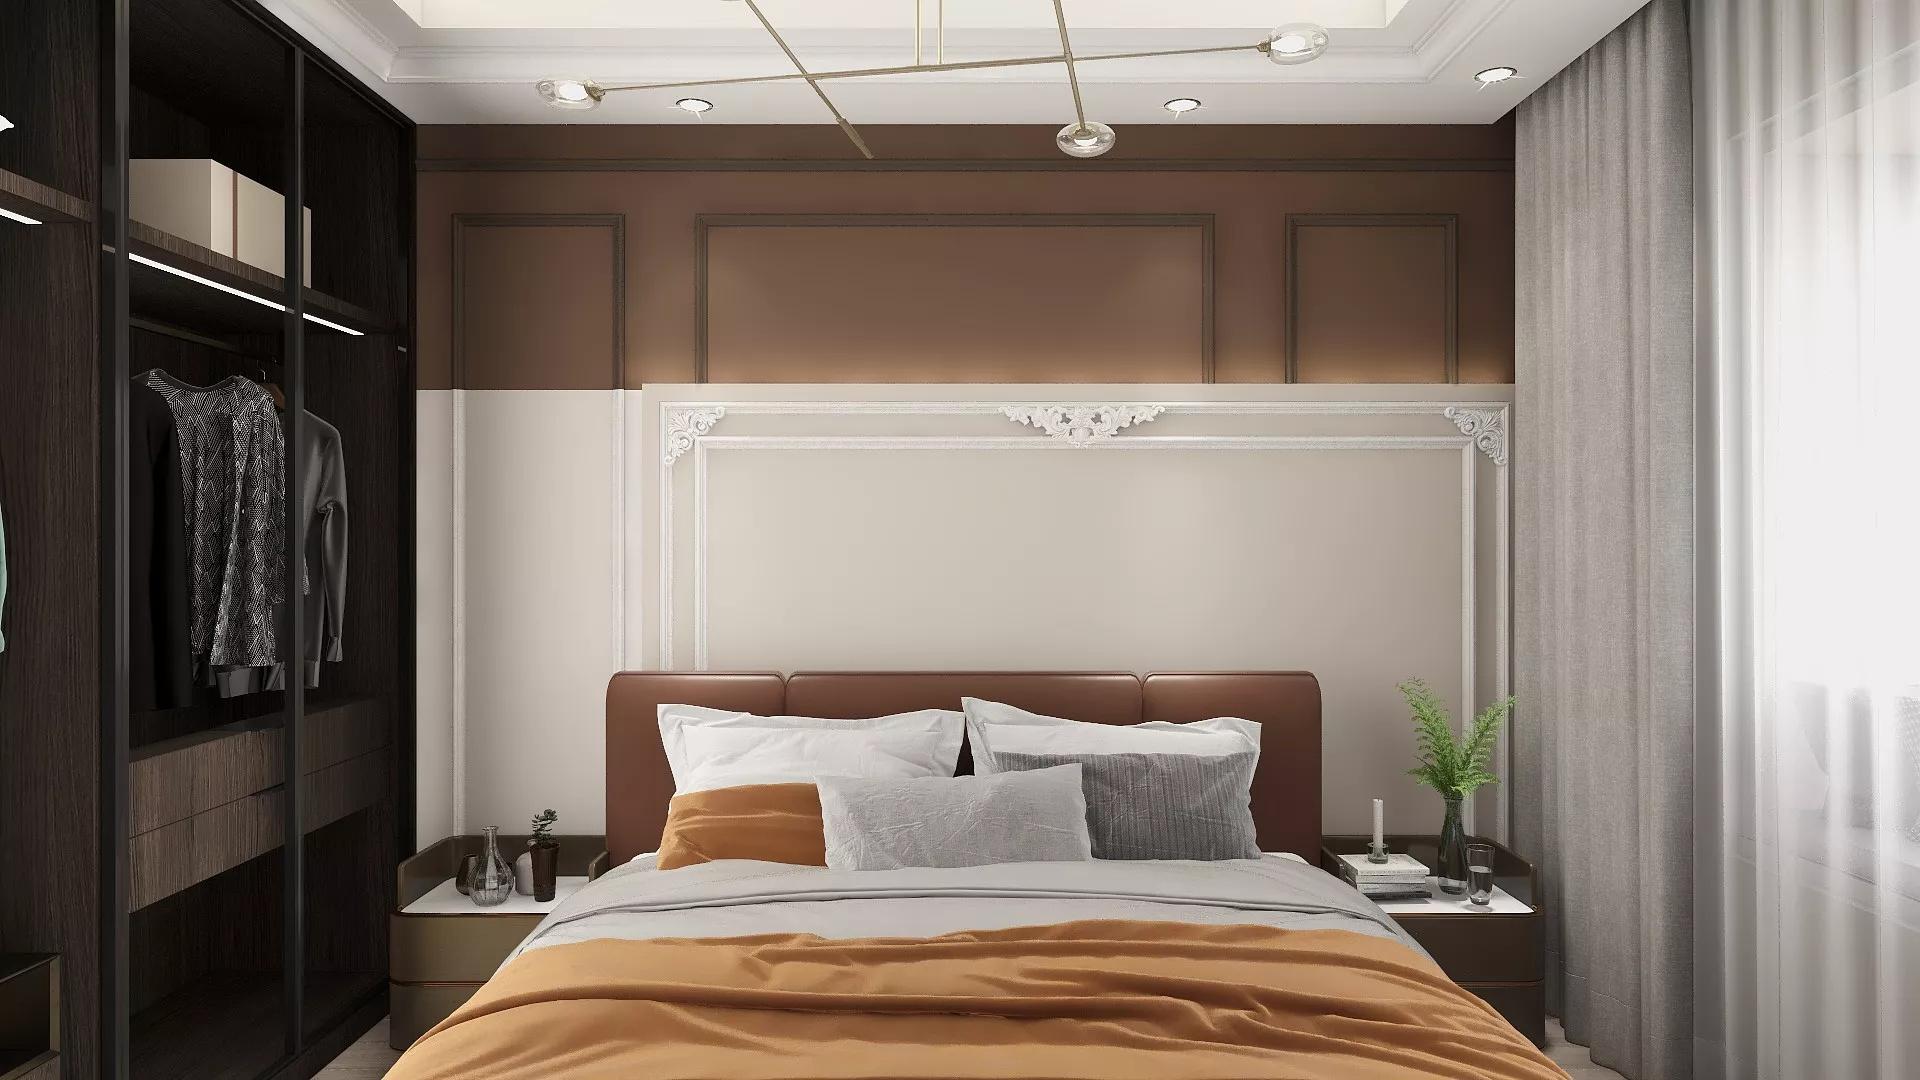 浴室装修设计尺寸标准 浴室装修设计尺寸大全